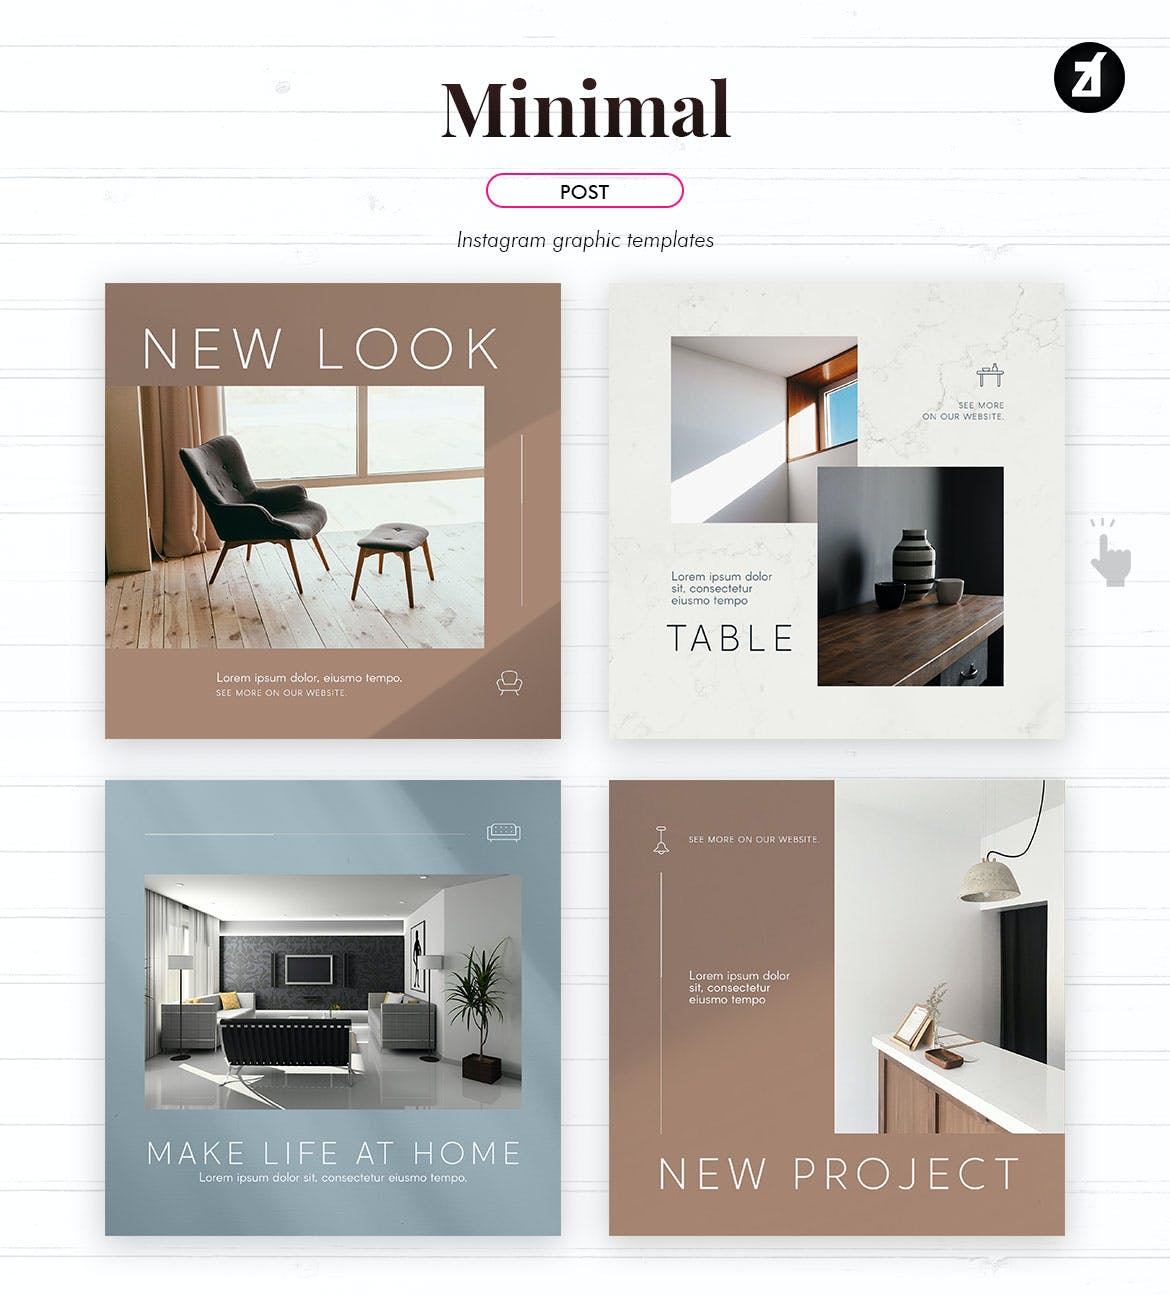 时尚家具设计作品集推广新媒体电商海报模板 Minimal Social Media Graphic Templates插图3